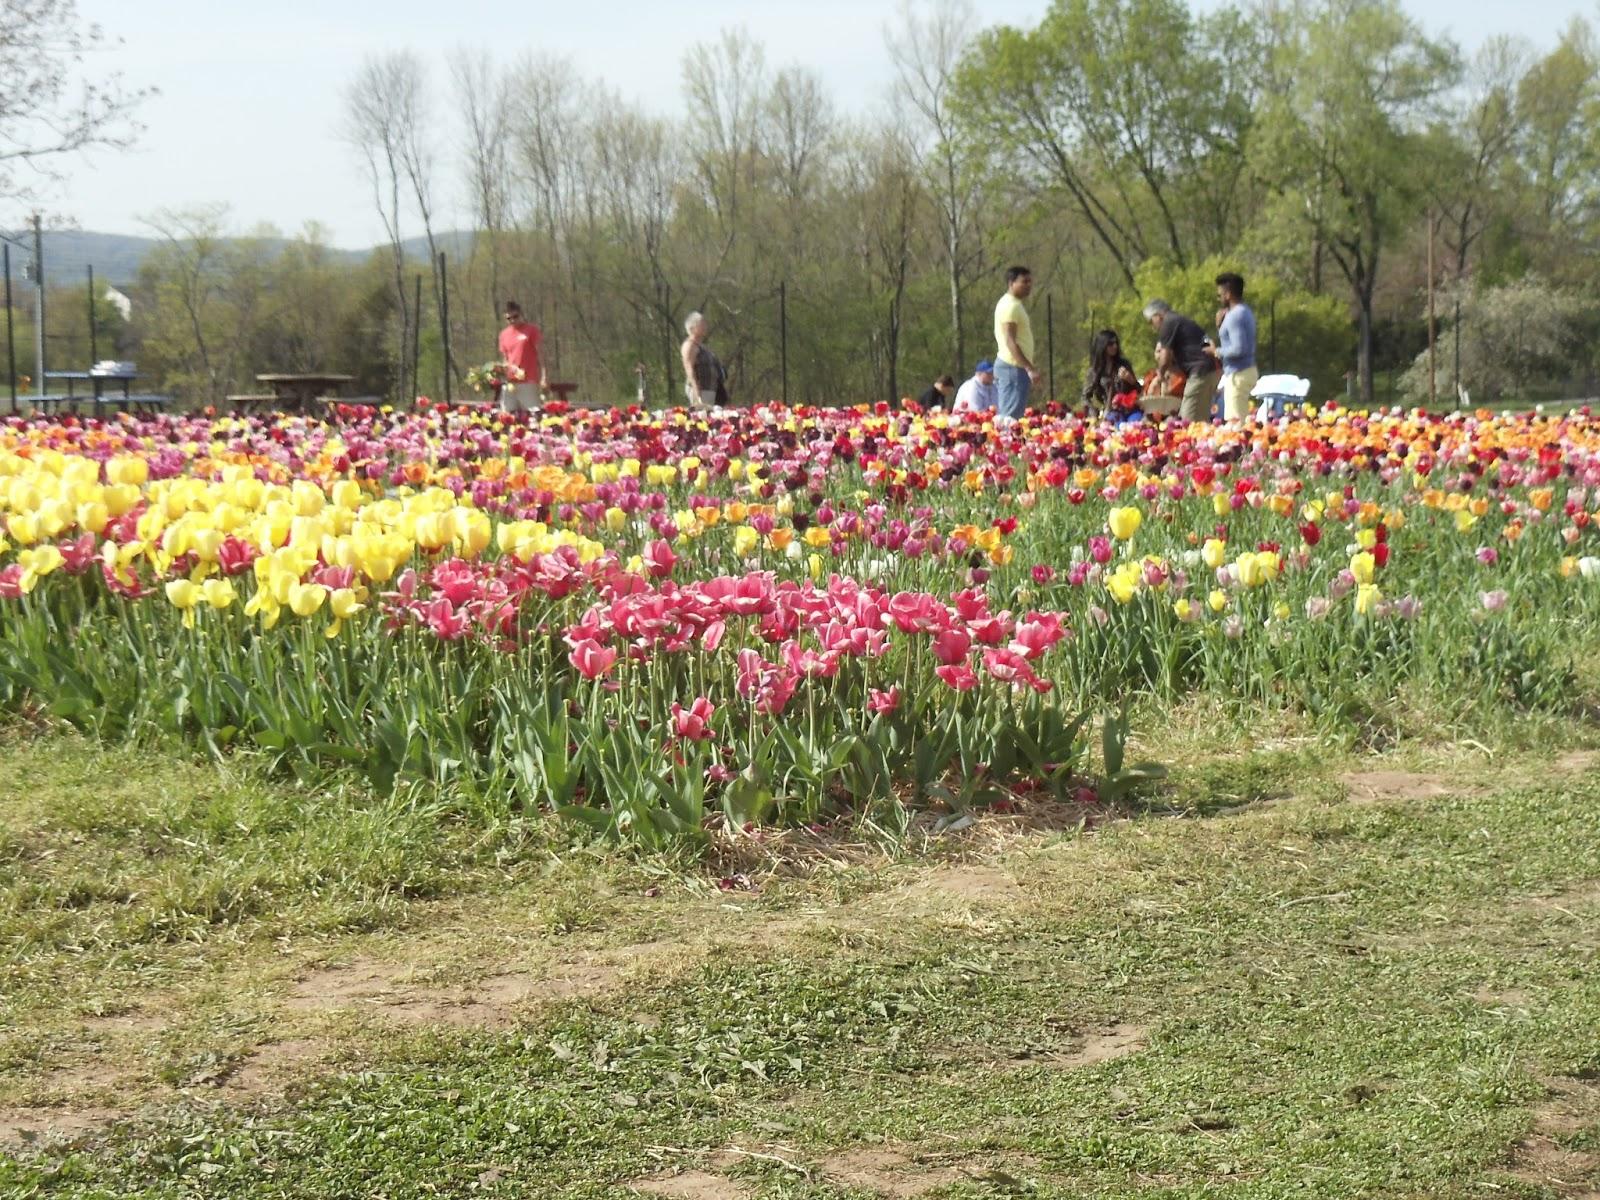 Picking tulips